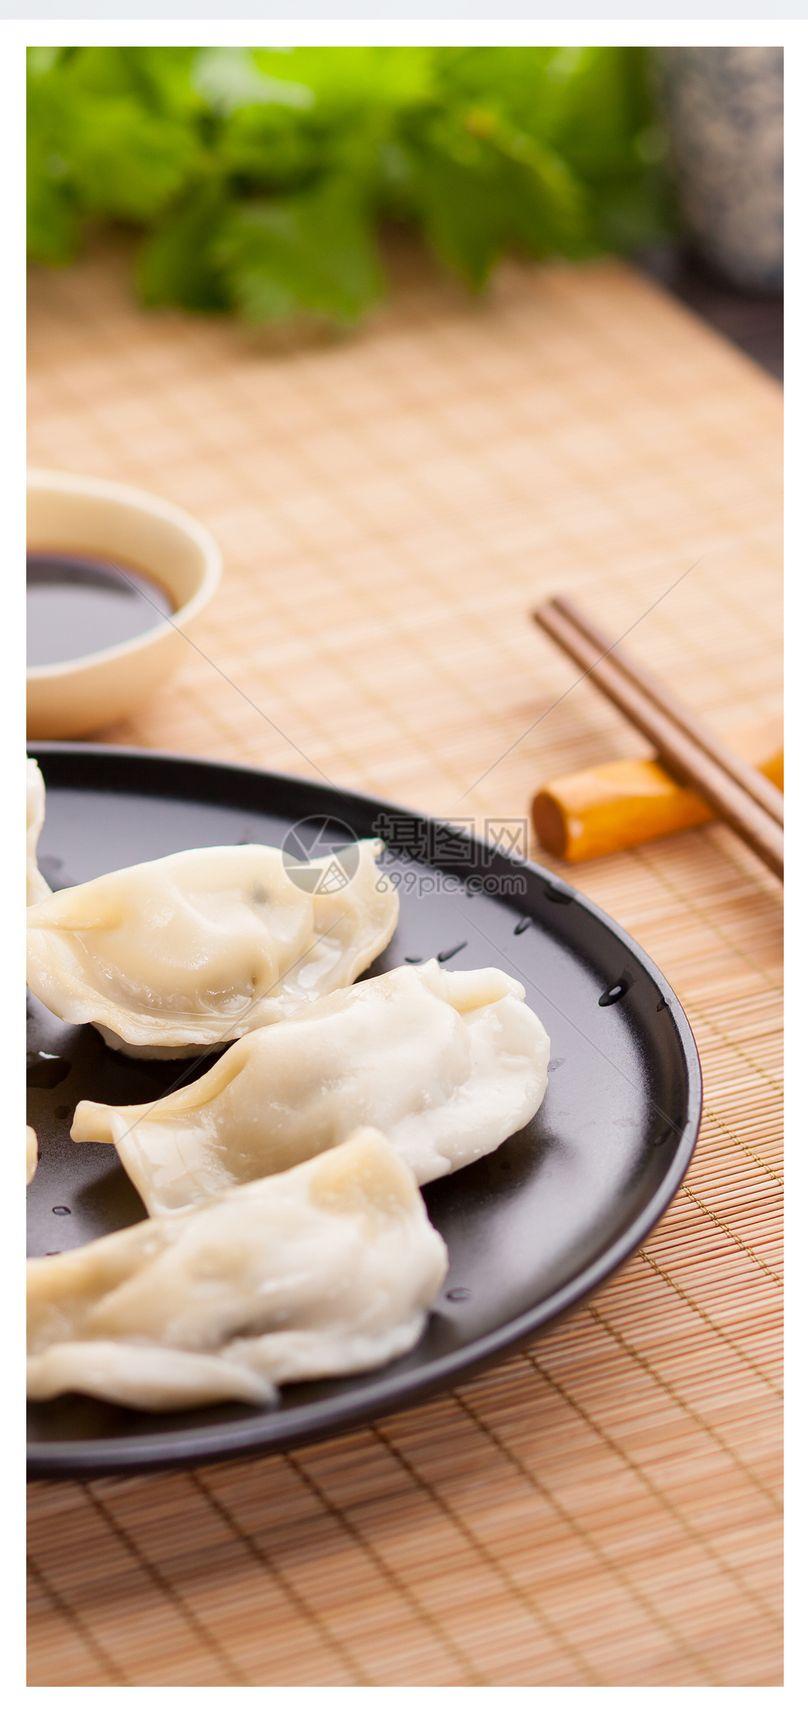 美味饺子手机壁纸图片